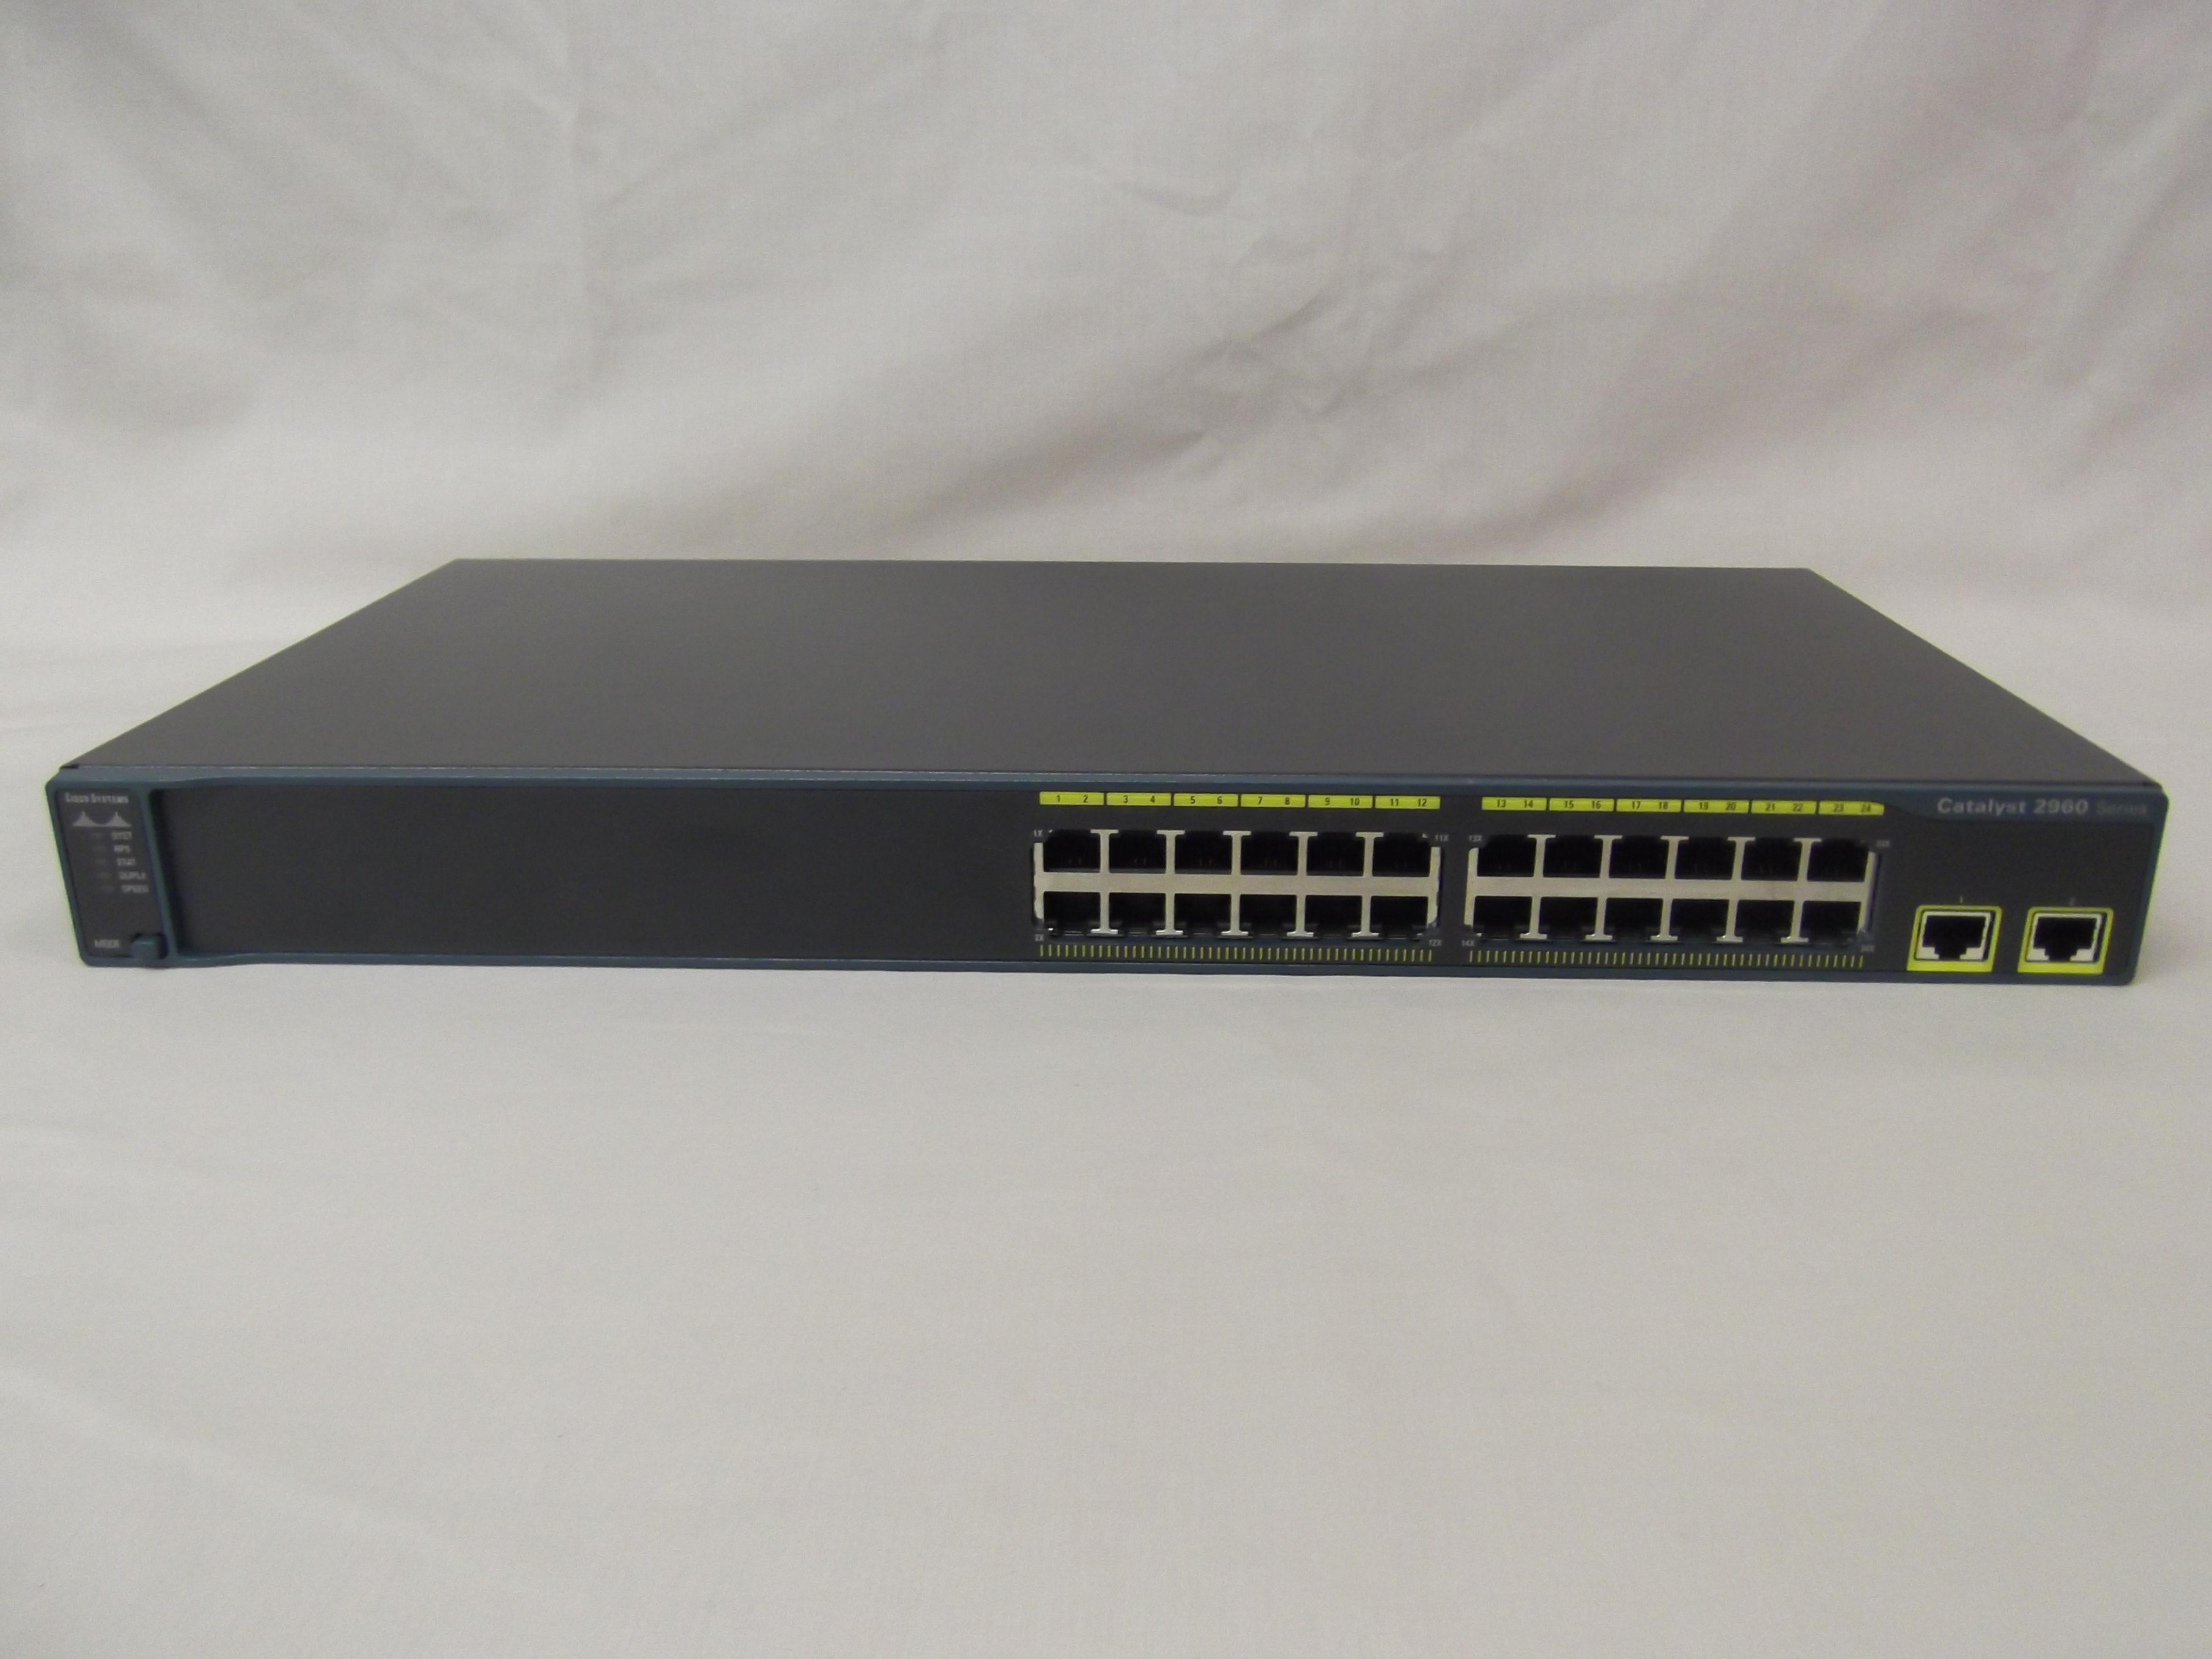 Cisco ws-c2960-24tt-l catalyst 2960 series switch / Watch power